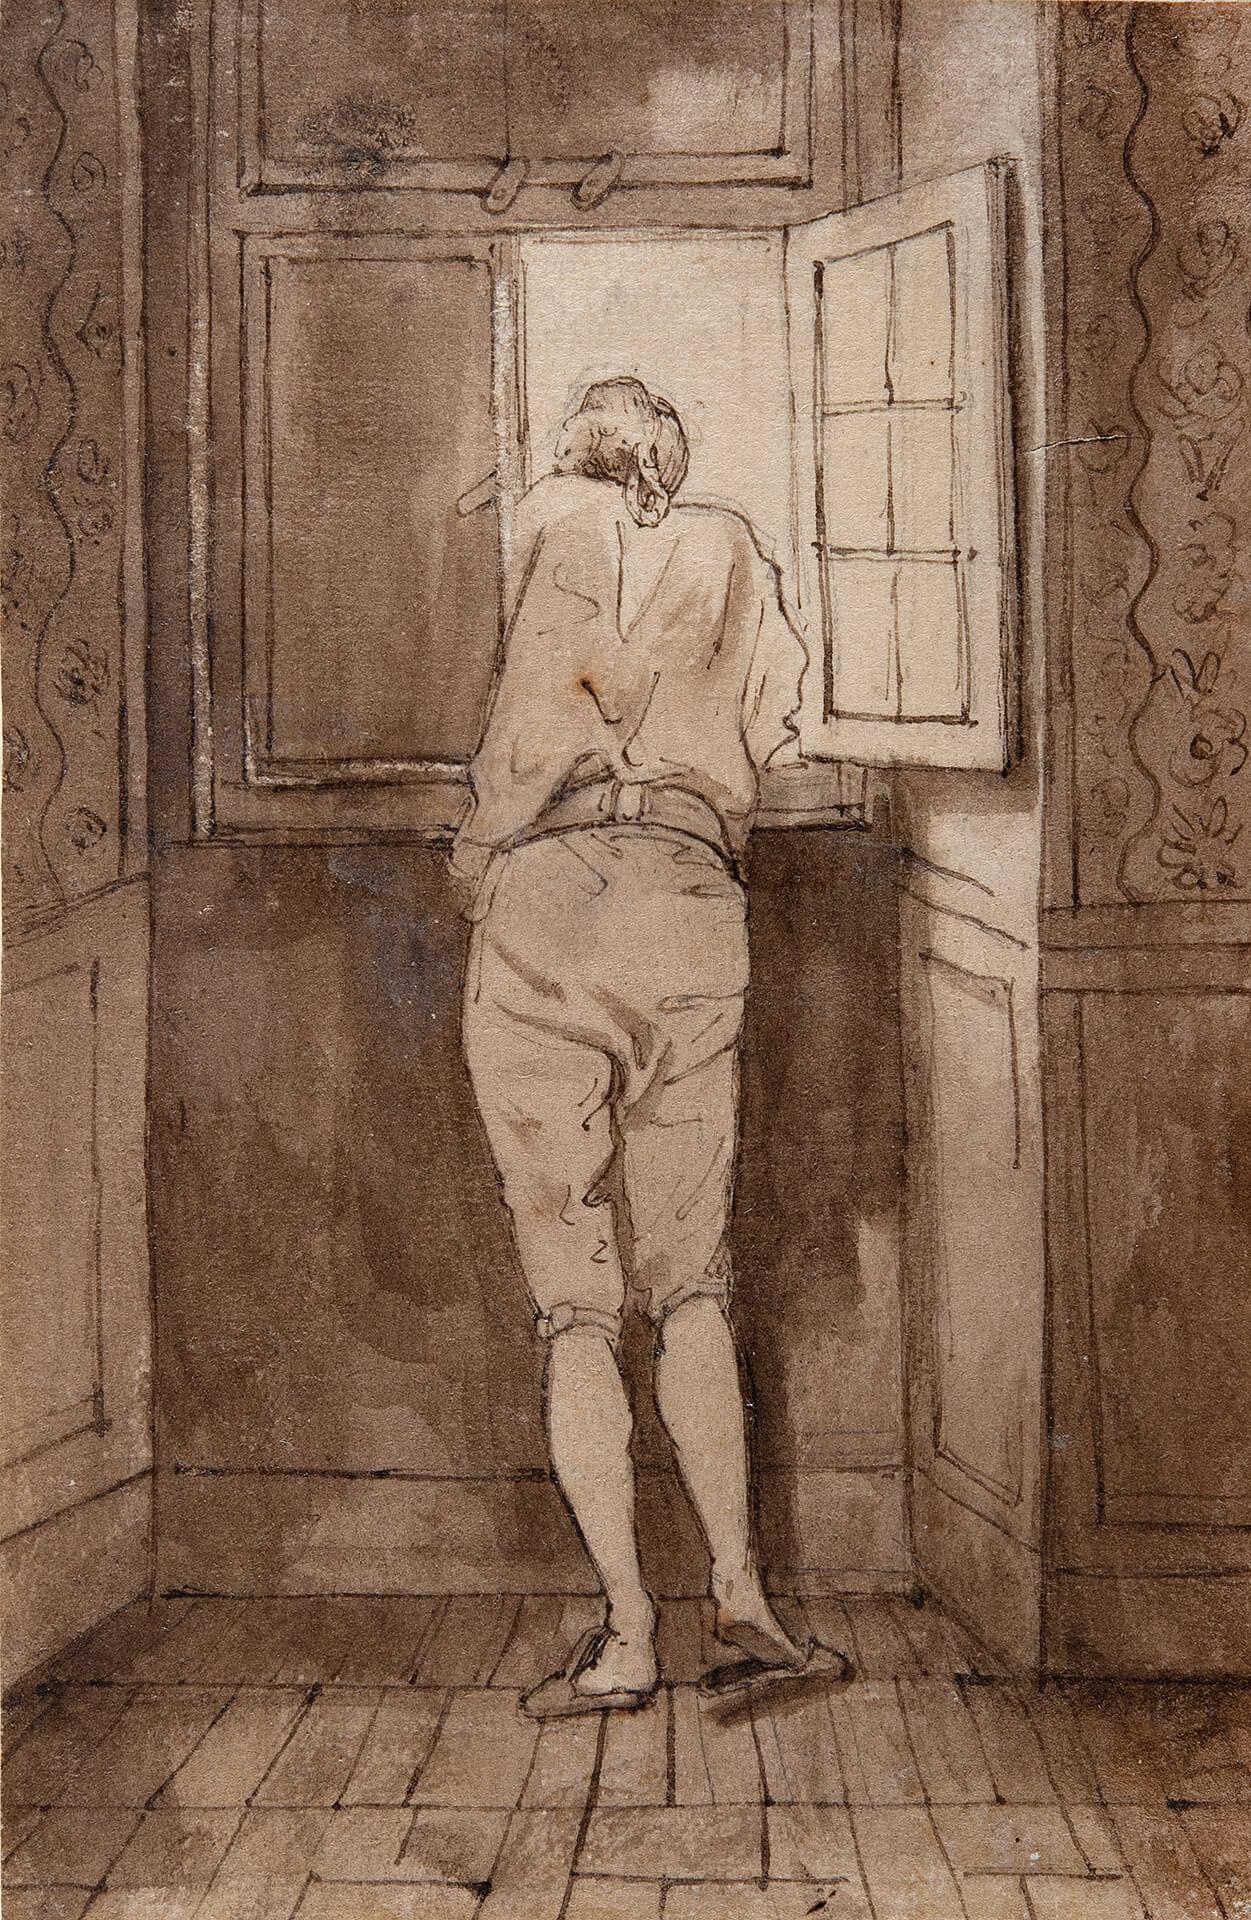 Artista ignoto, da J. H. W. Tischbein, Goethe alla finestra. 1786/88